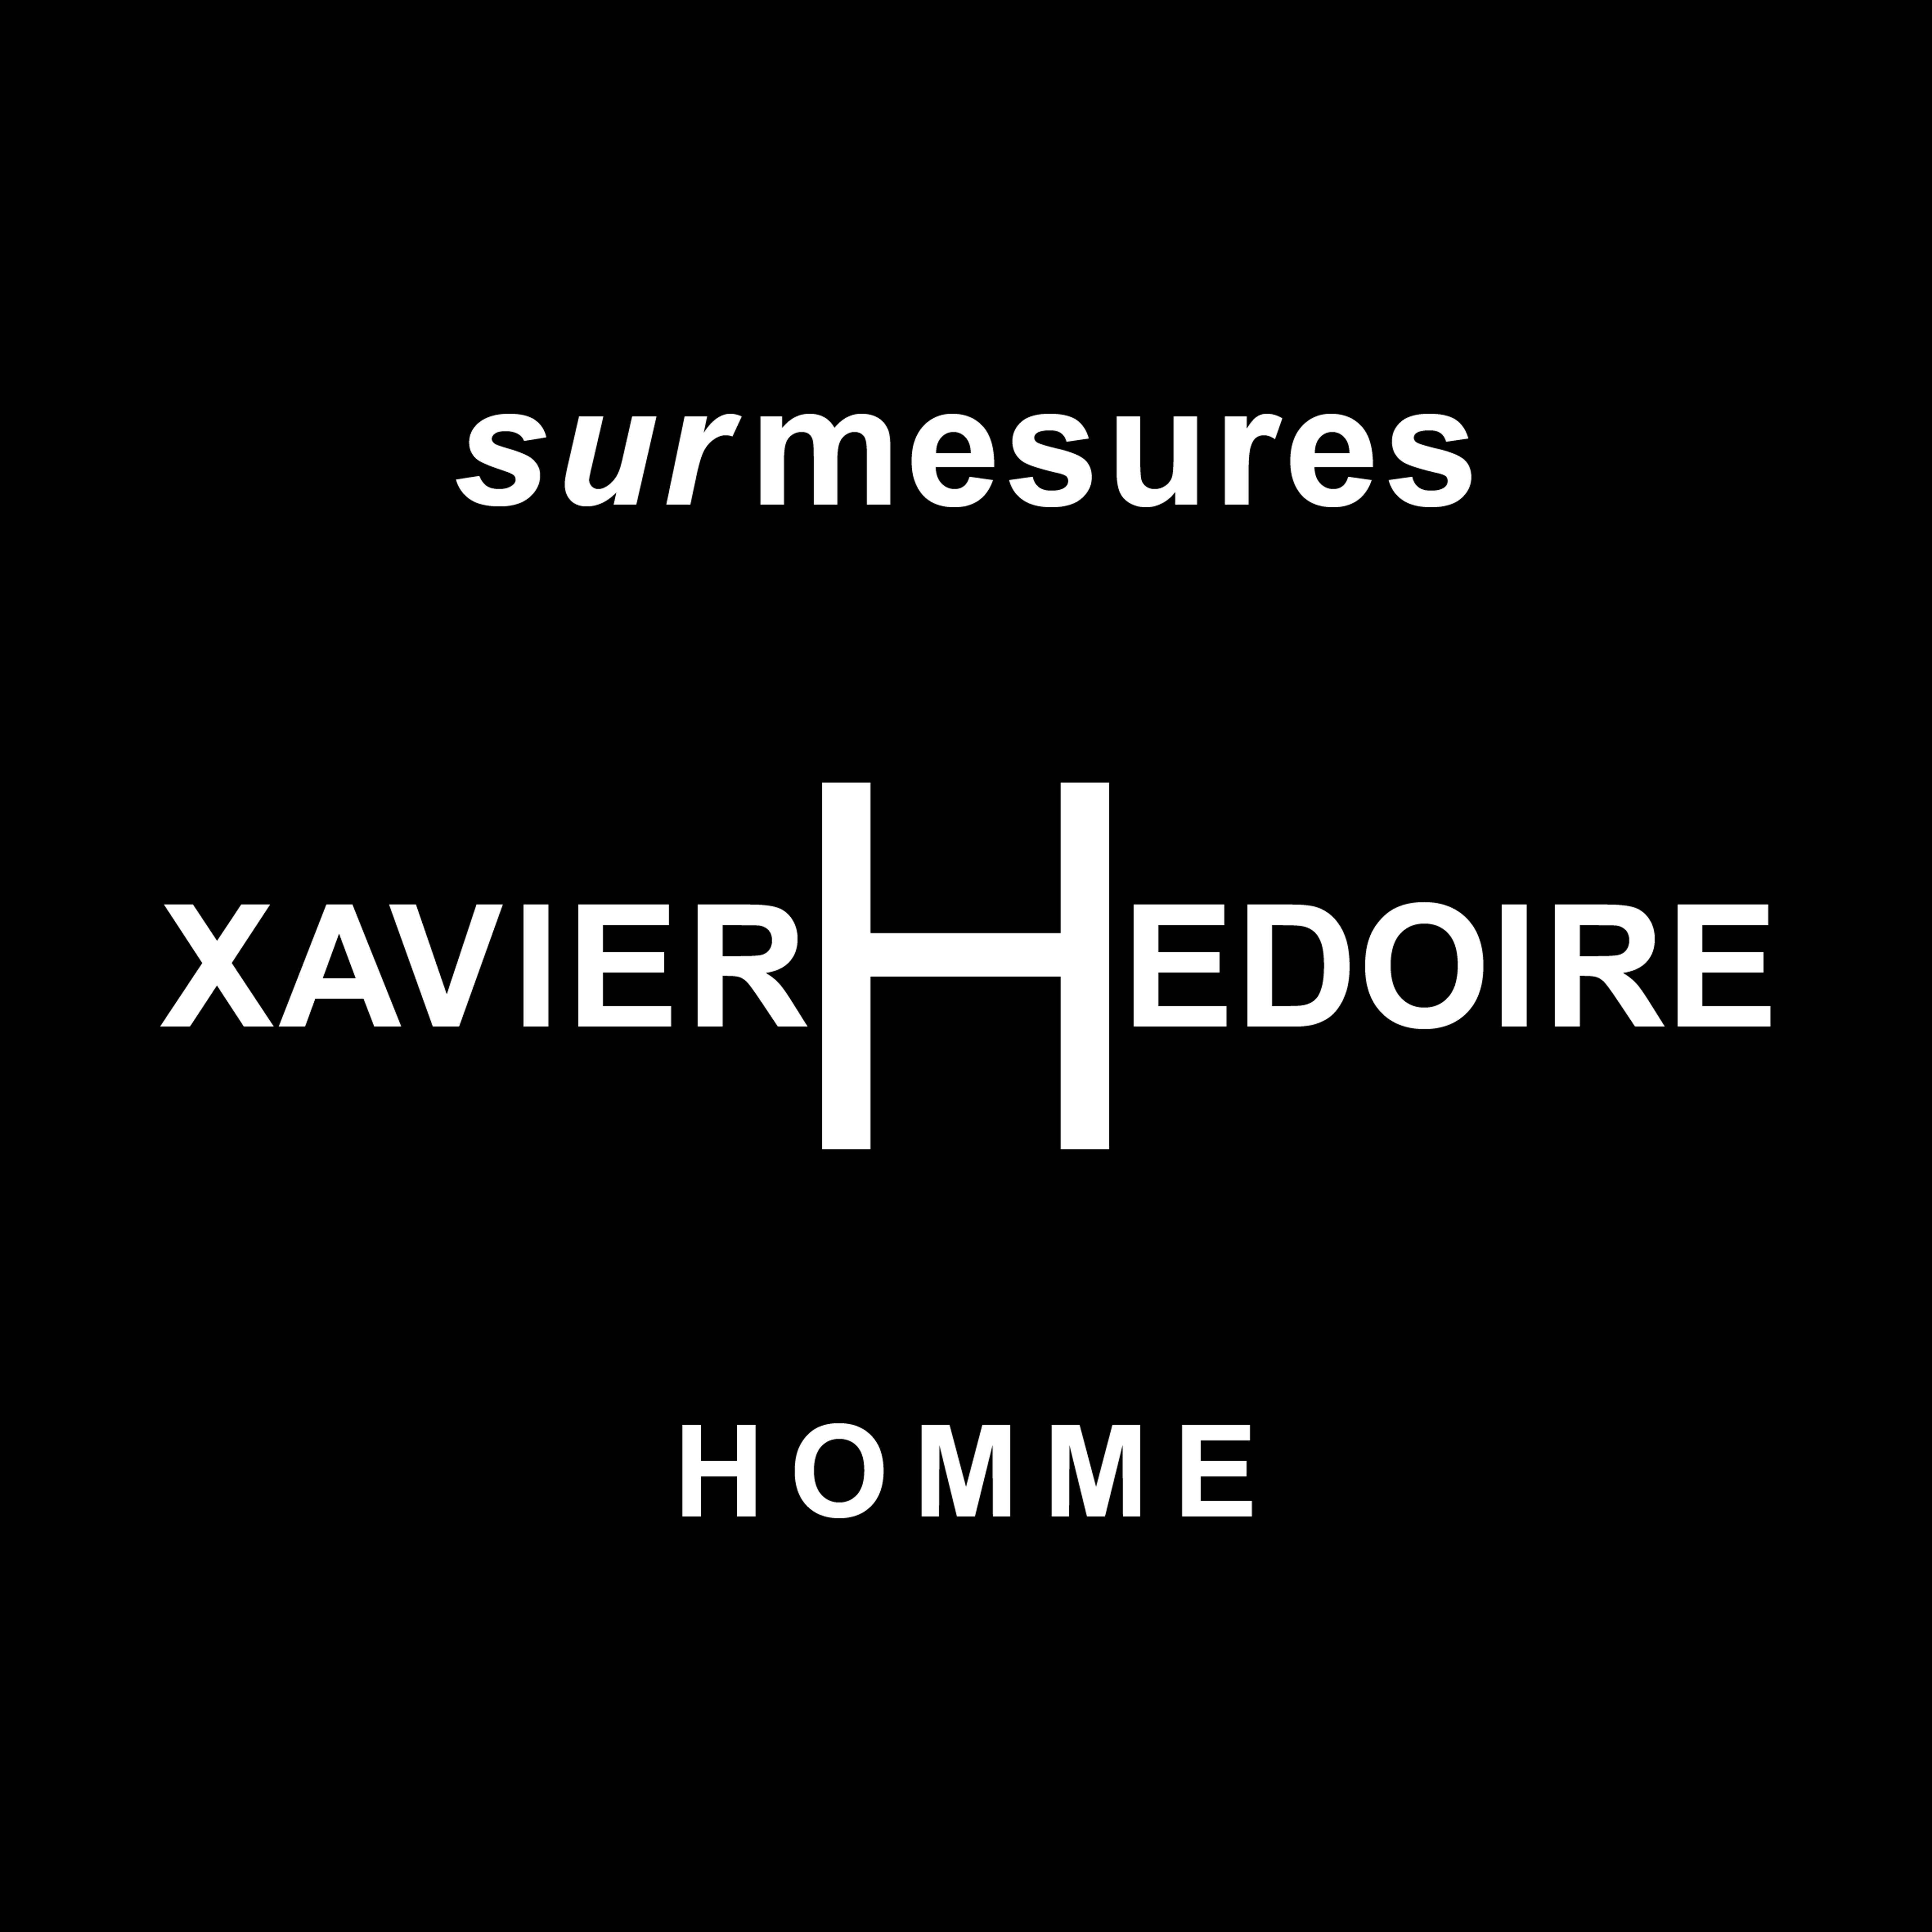 Xavier Hedoire